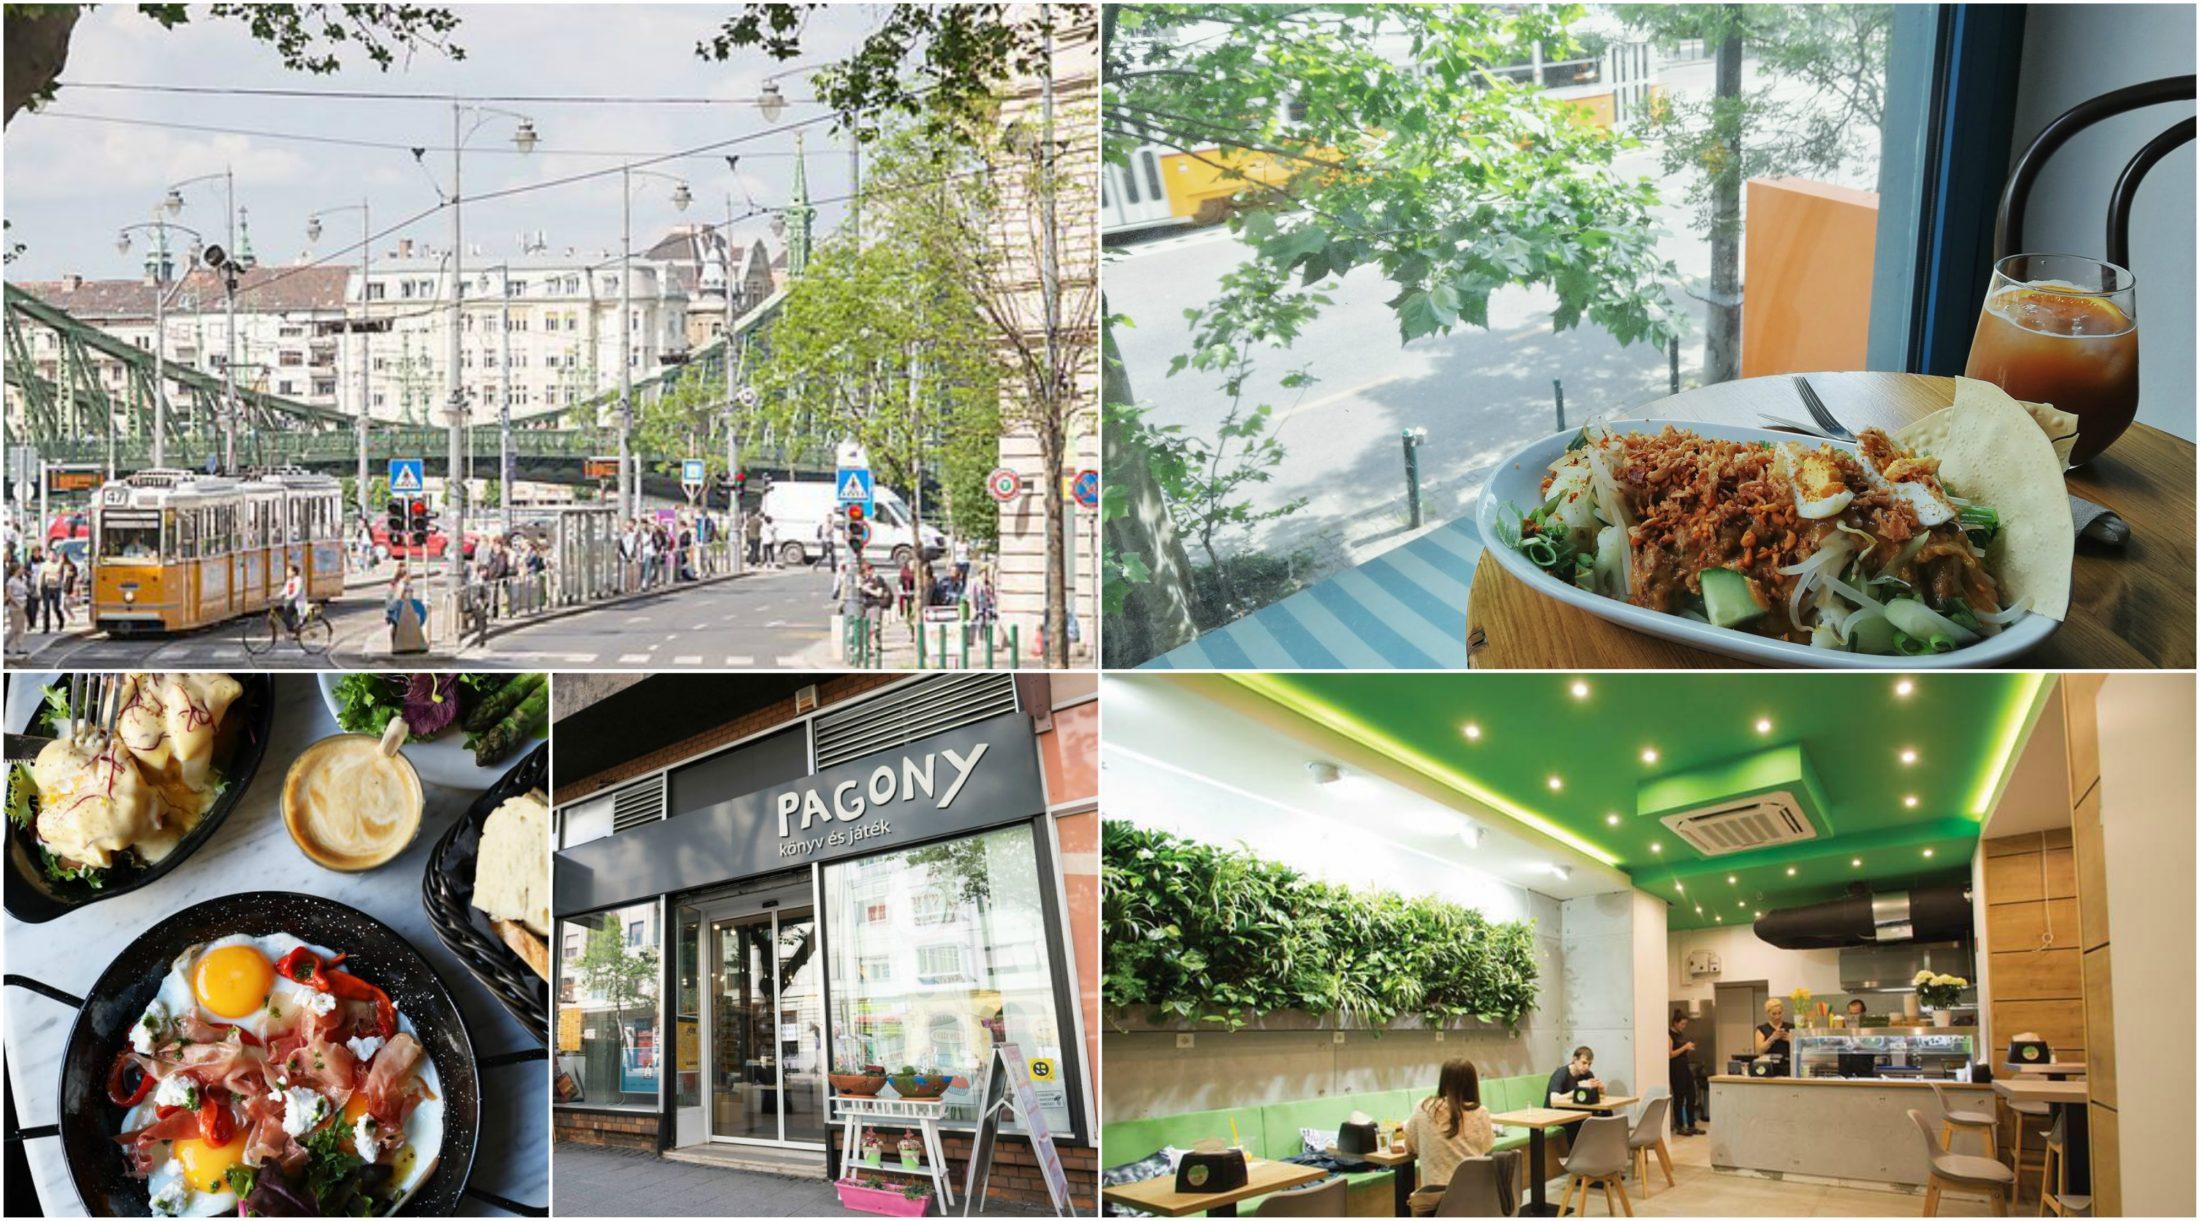 """27 ezren szavaztak: A világ 50 legcoolabb városrésze között a """"Bartók Boulevard""""! - Dining Guide"""